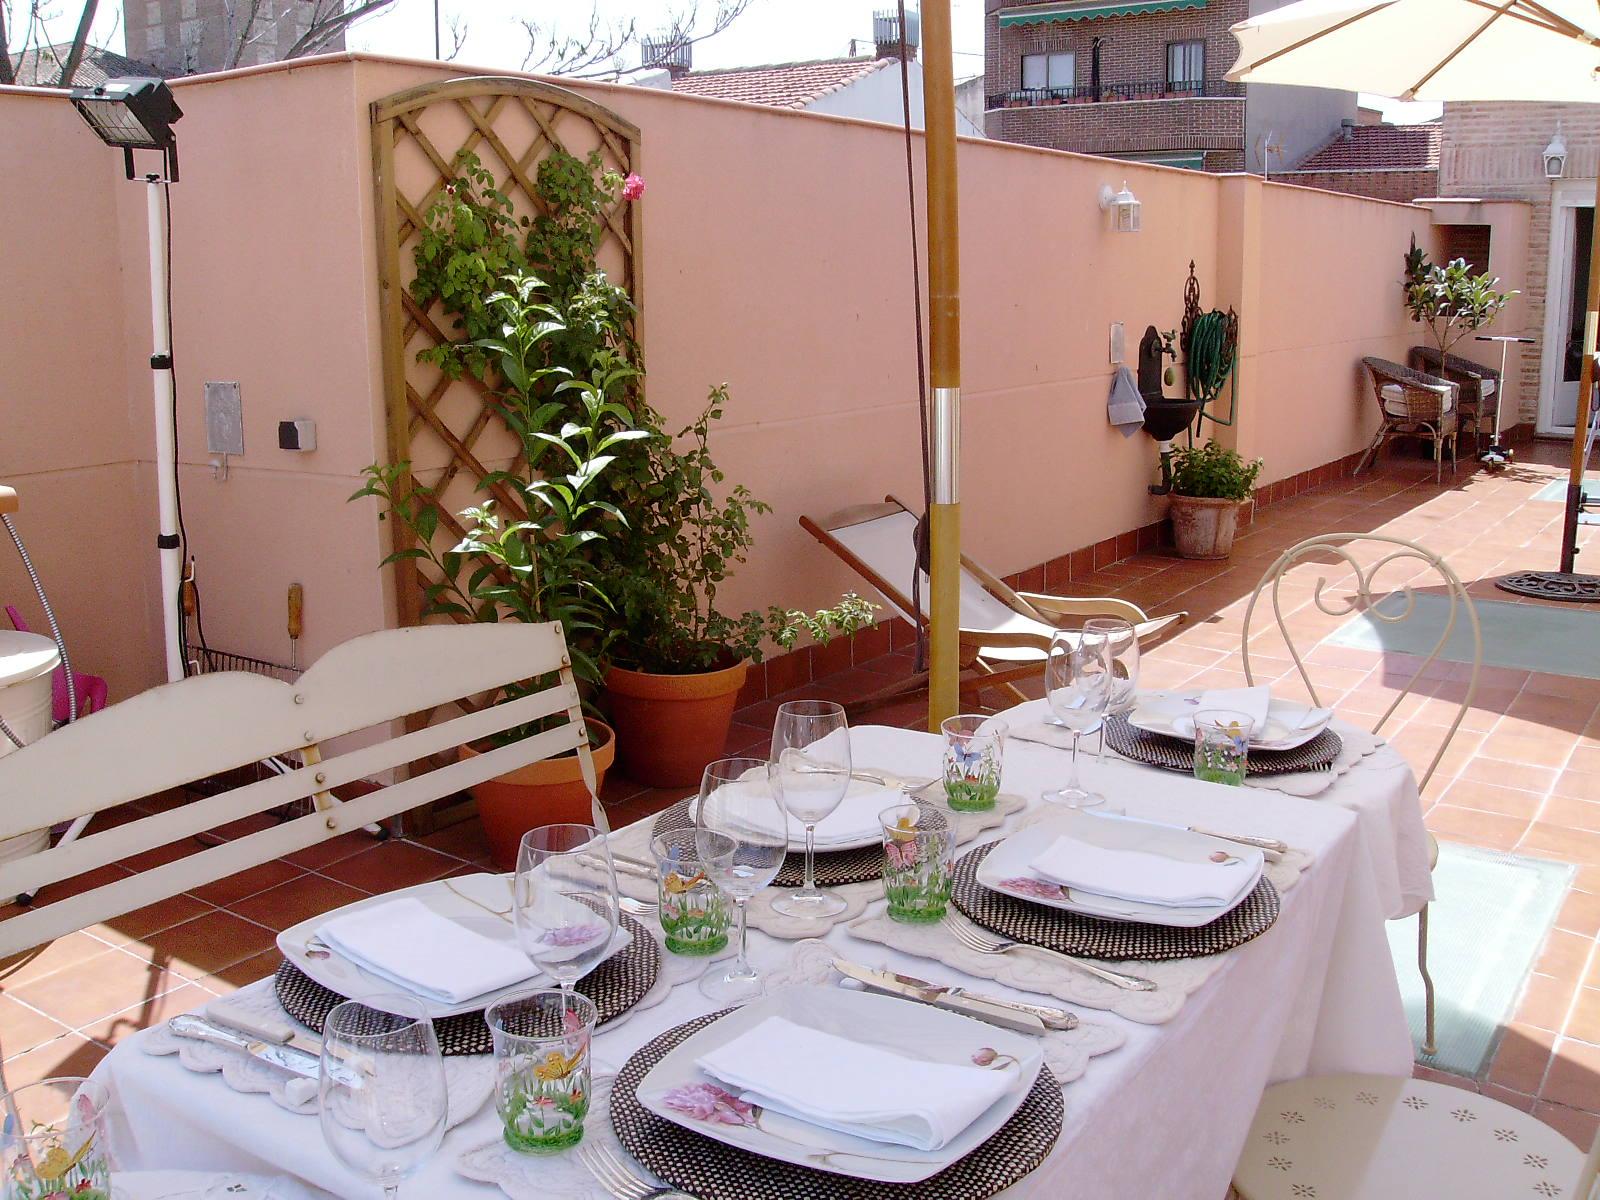 Atc en casa de mar a con un estilo rom ntico y vintage tr s studio blog de decoraci n Casas estilo romantico